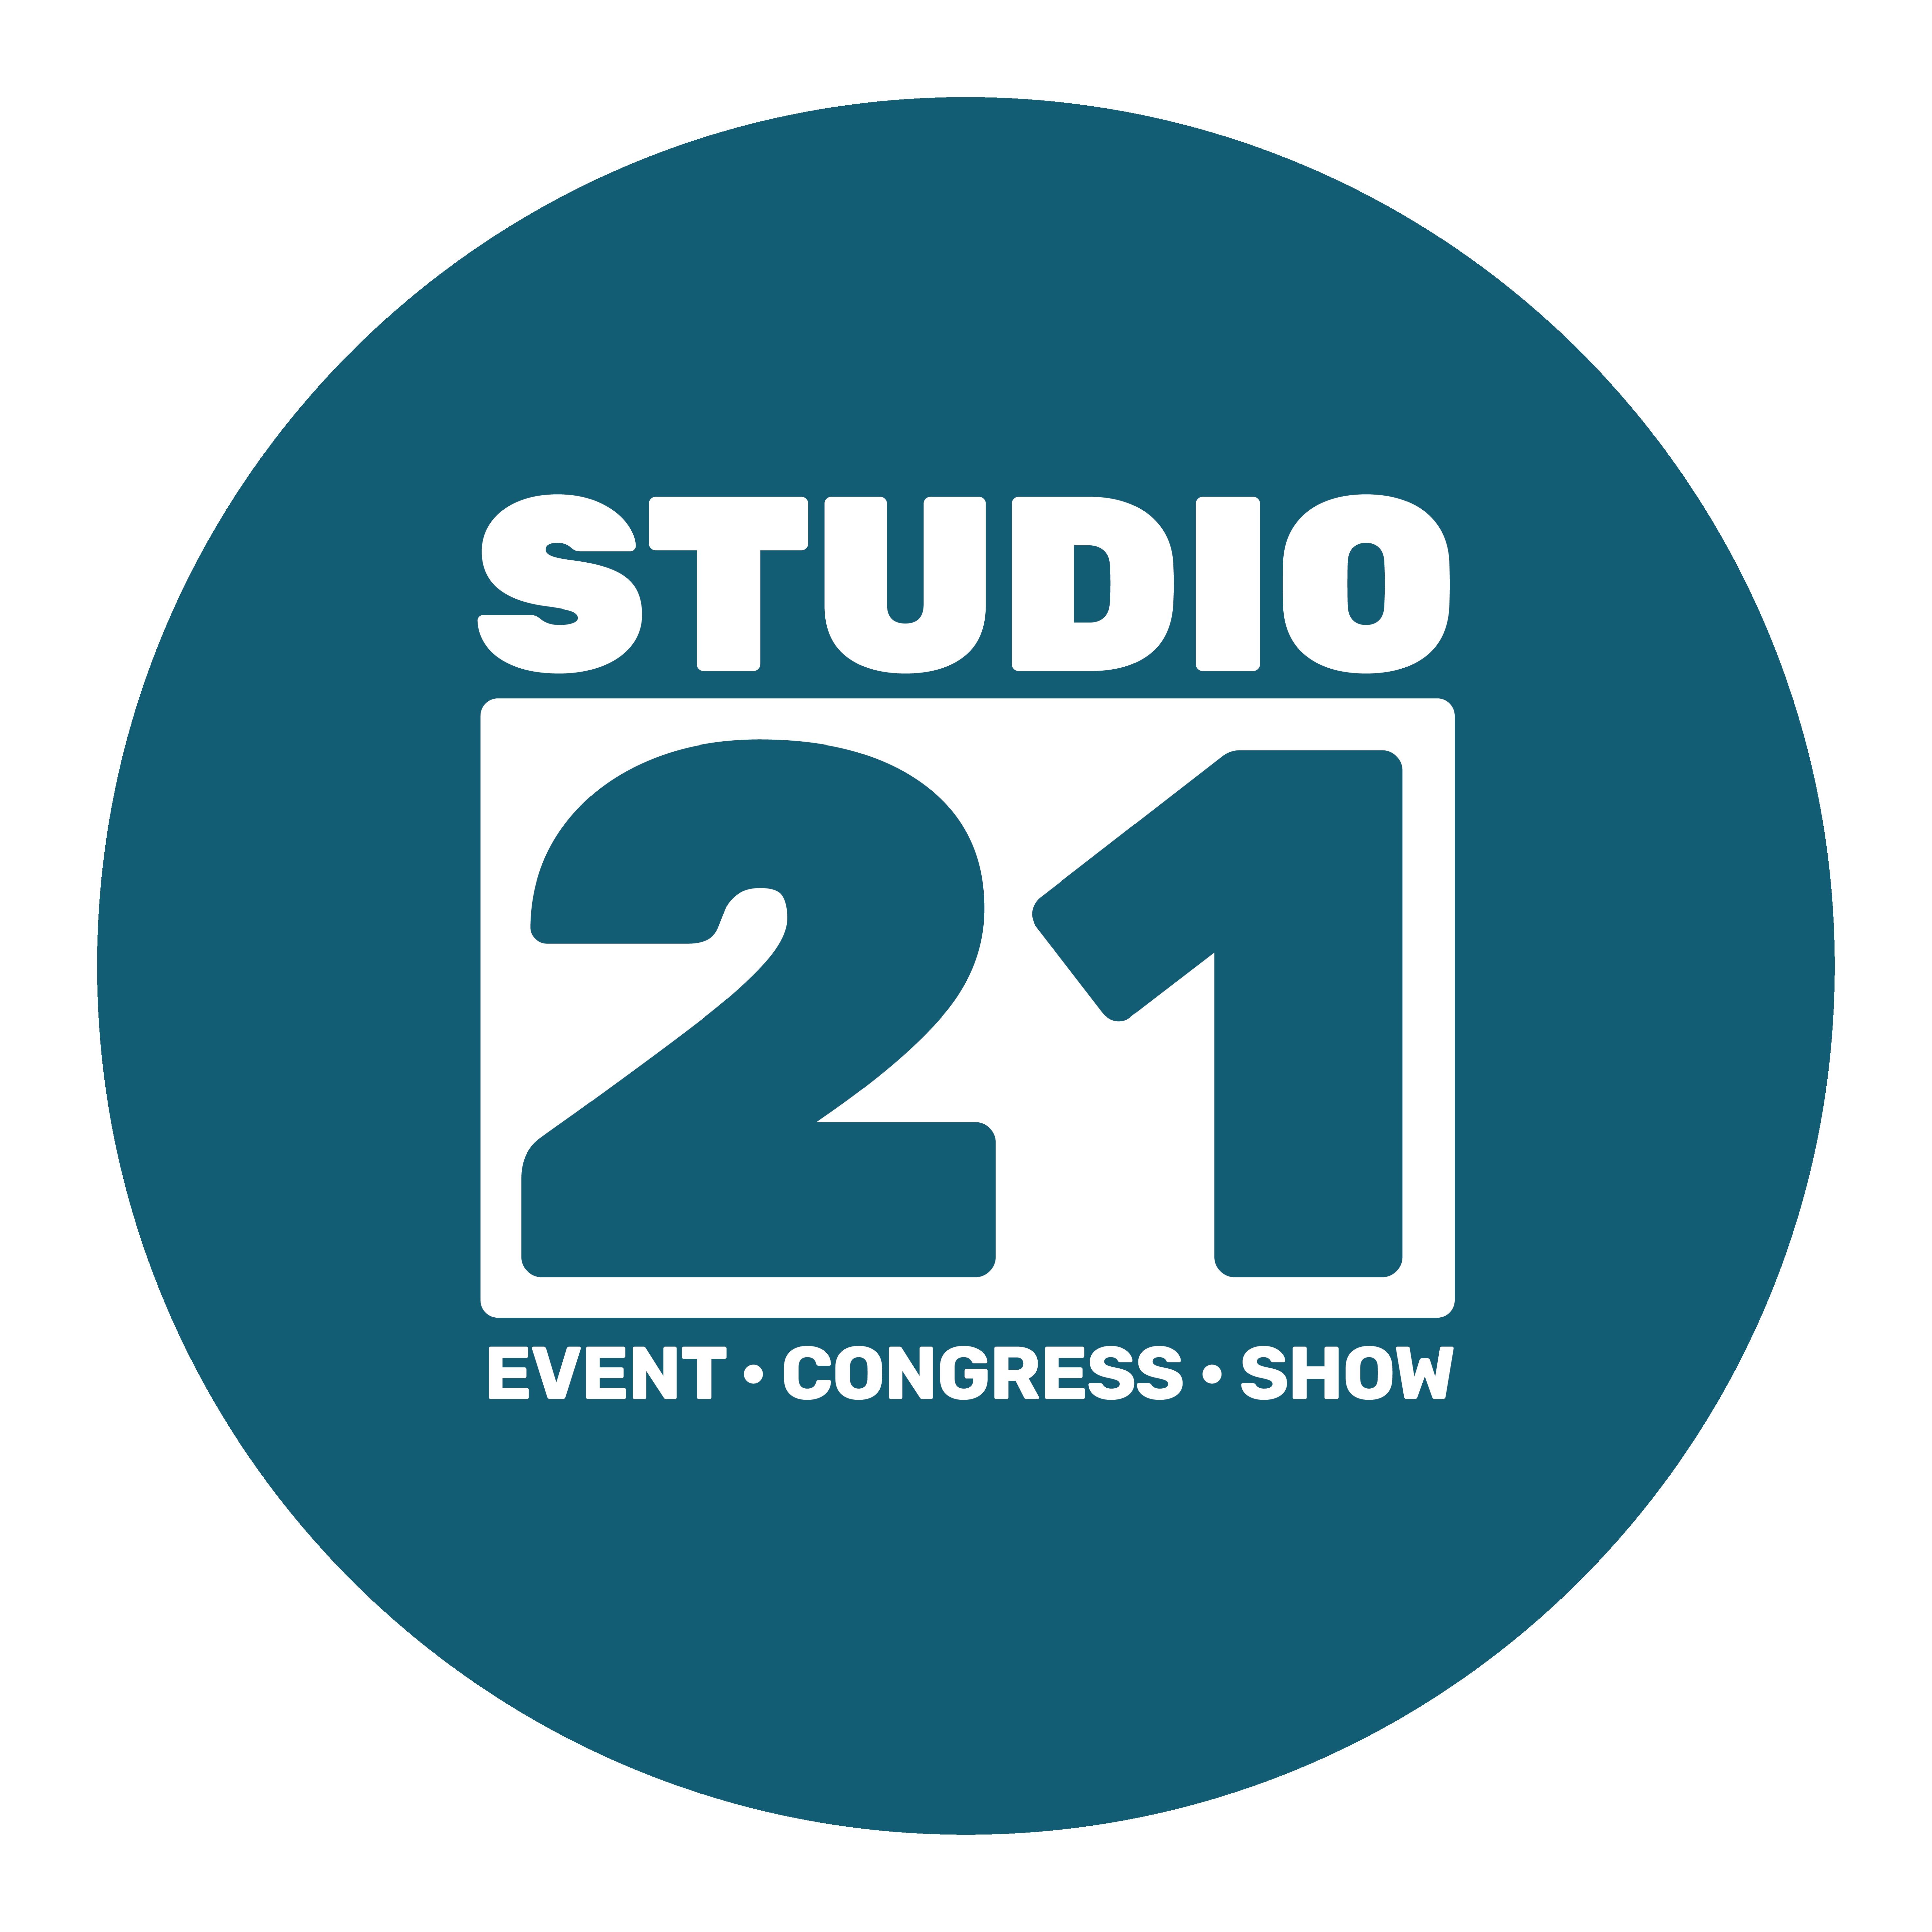 Studio 21 - In no time een verpletterende (merk)beleving neerzetten? Dan ga je naar Studio 21! In een compleet verbouwde ronde studio wordt de nieuwe standaard gezet in stagedesign, videocontent en lichtshows. Een high-end eventlocatie! IT'S A KIND OF MAGIC!